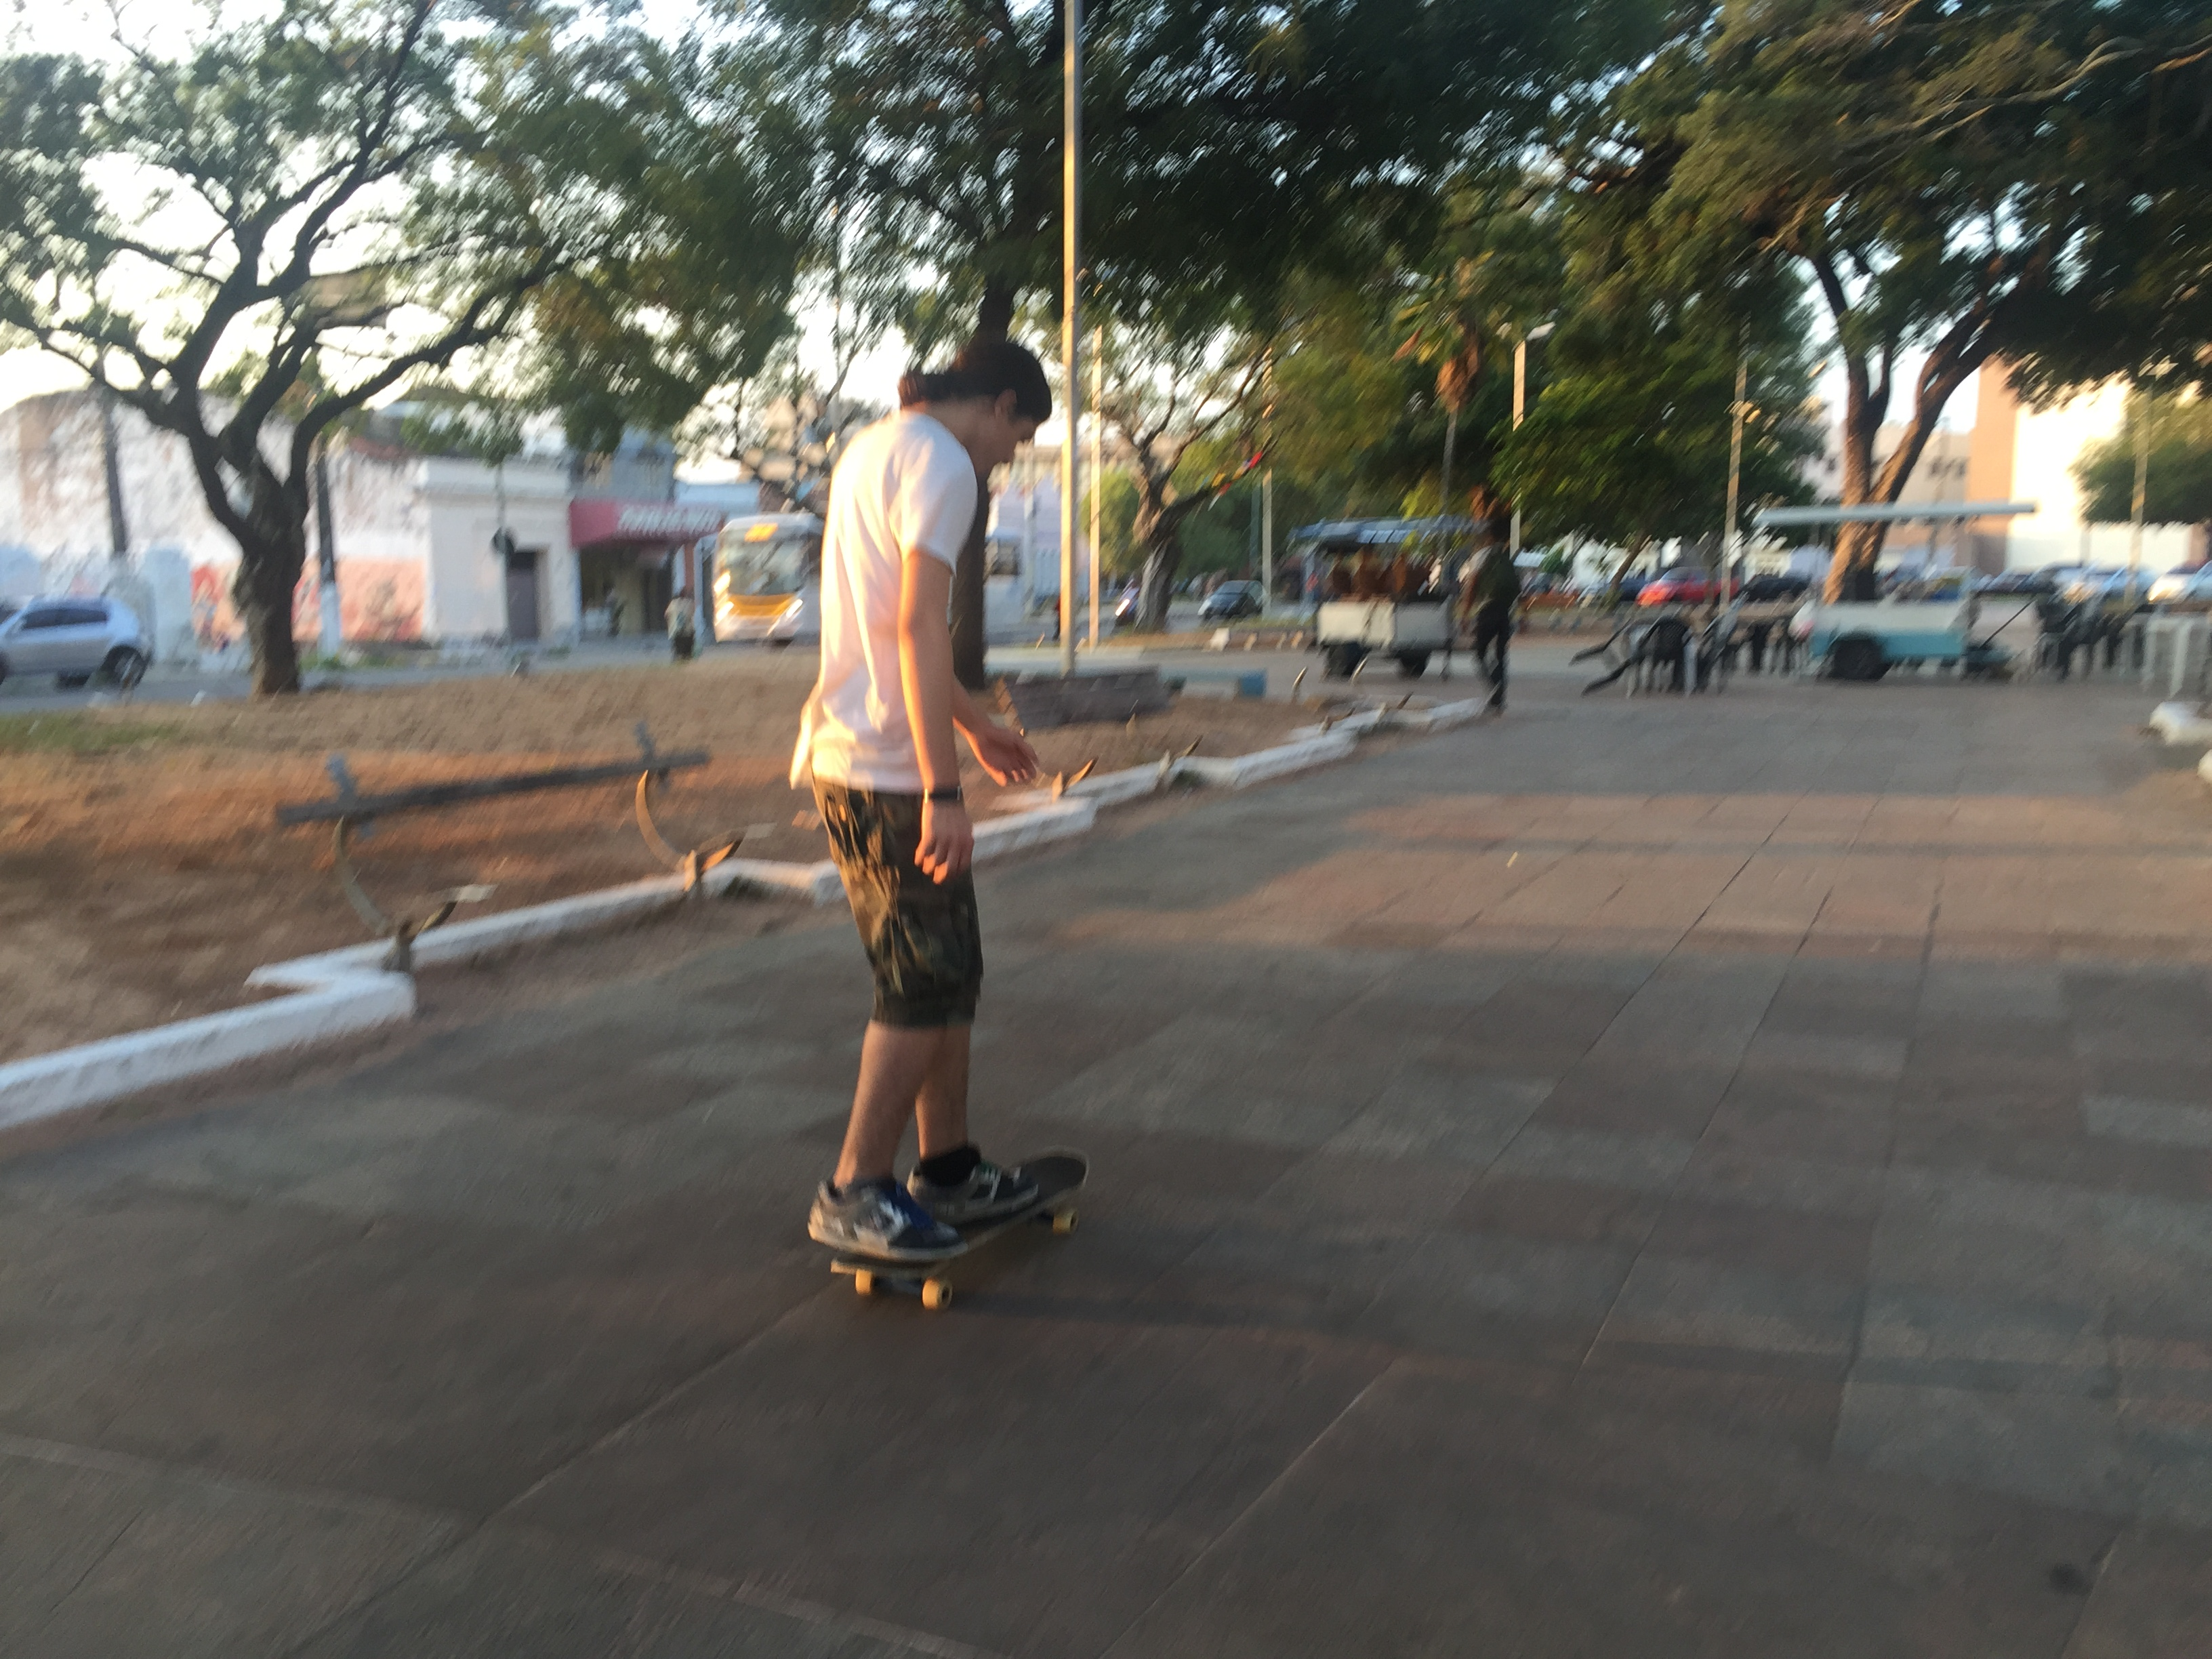 Skatistas ainda utilizam a Praça de André de Albuquerque